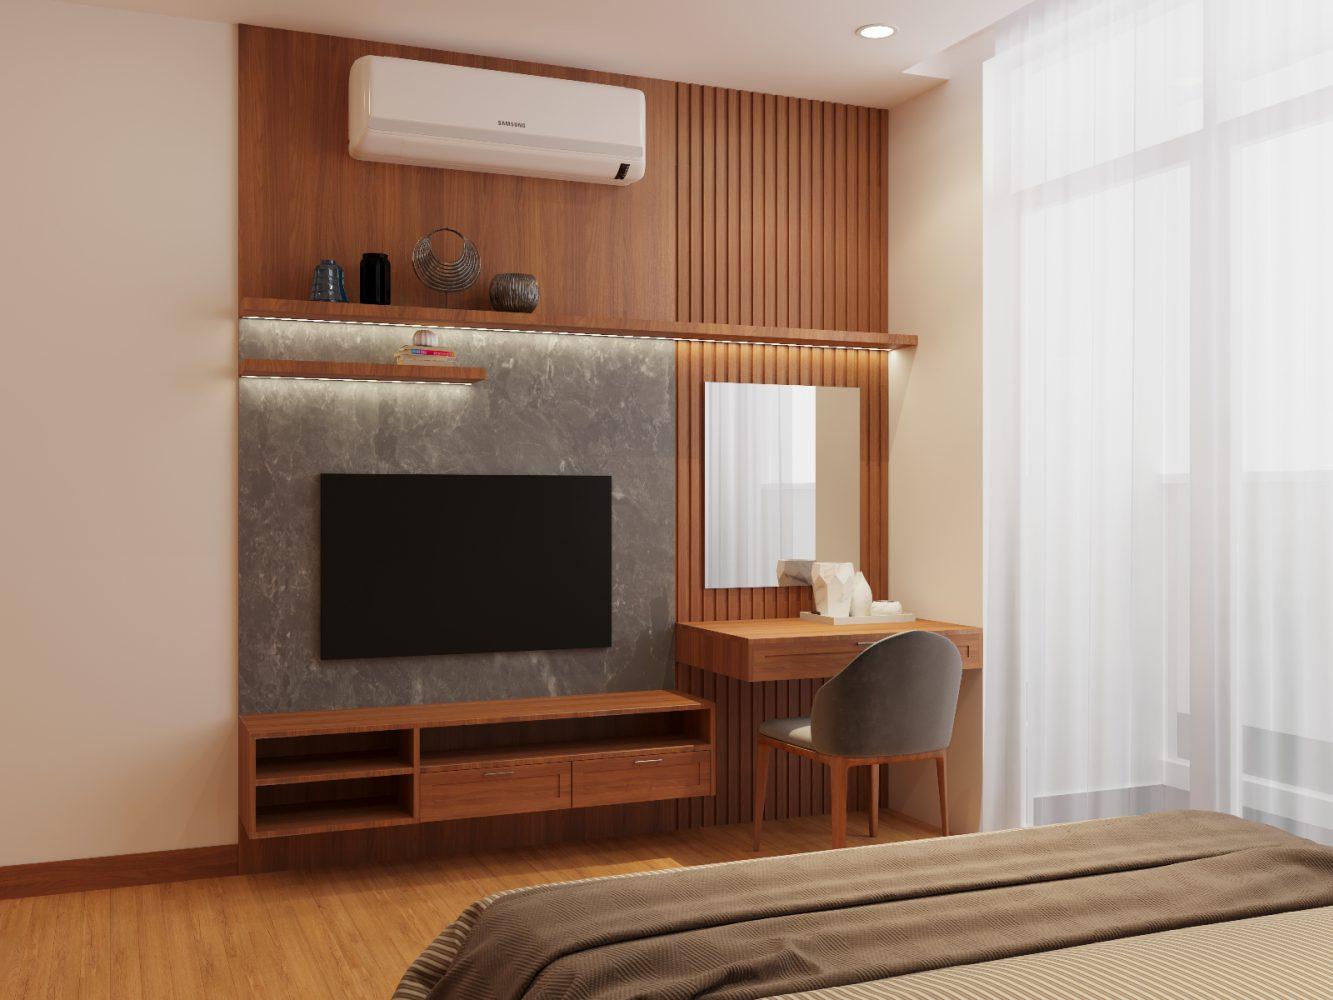 Thiết kế nội thất căn hộ 3 phòng ngủ - 04